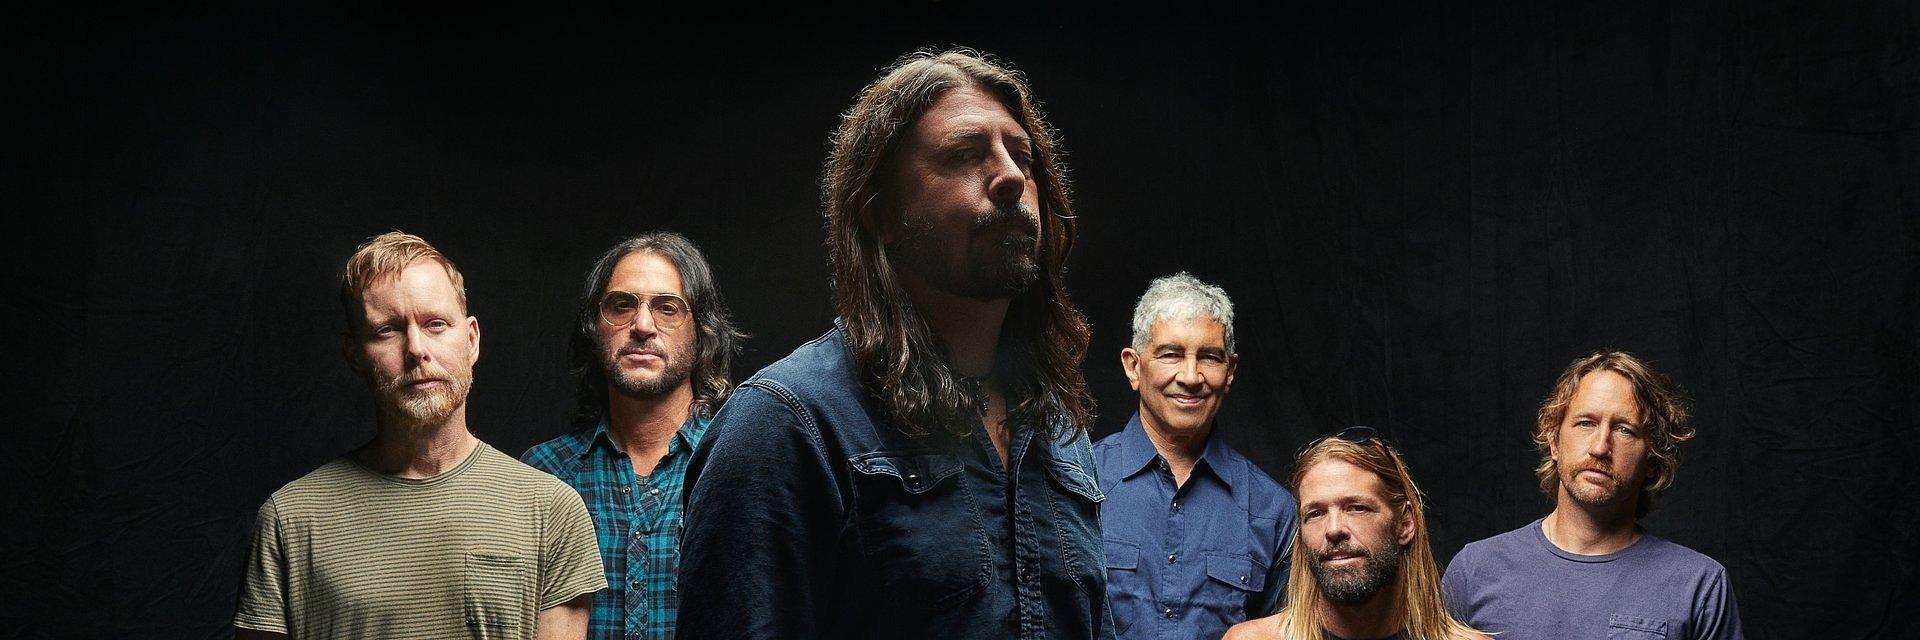 Nowy album Foo Fighters już dostępny!